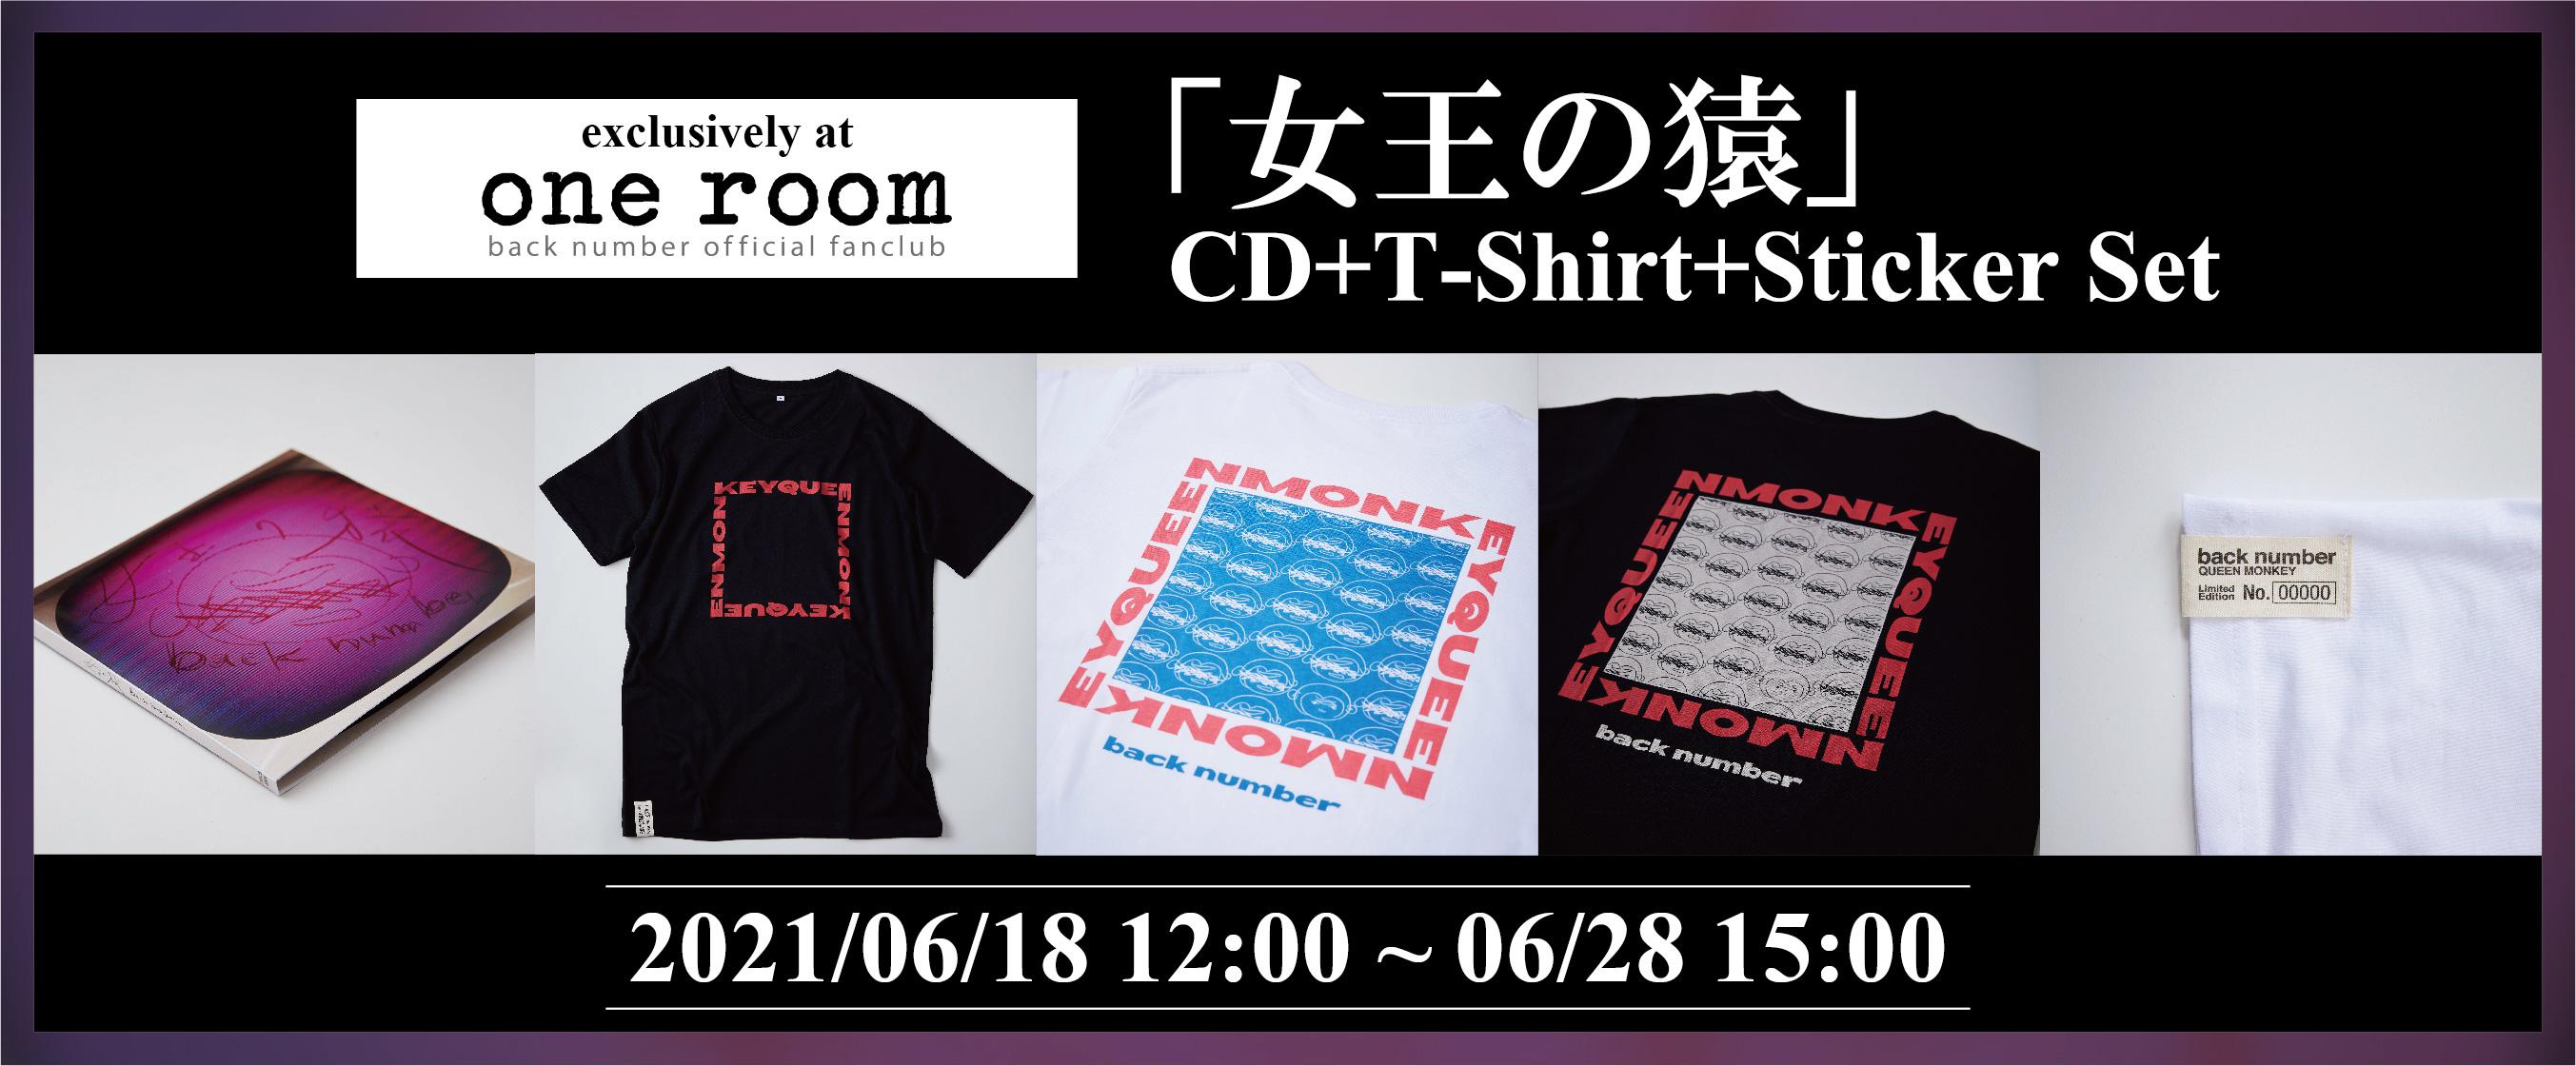 """新曲「女王の猿」CD+Tシャツ+ステッカーセット""""one room""""限定発売決定!"""